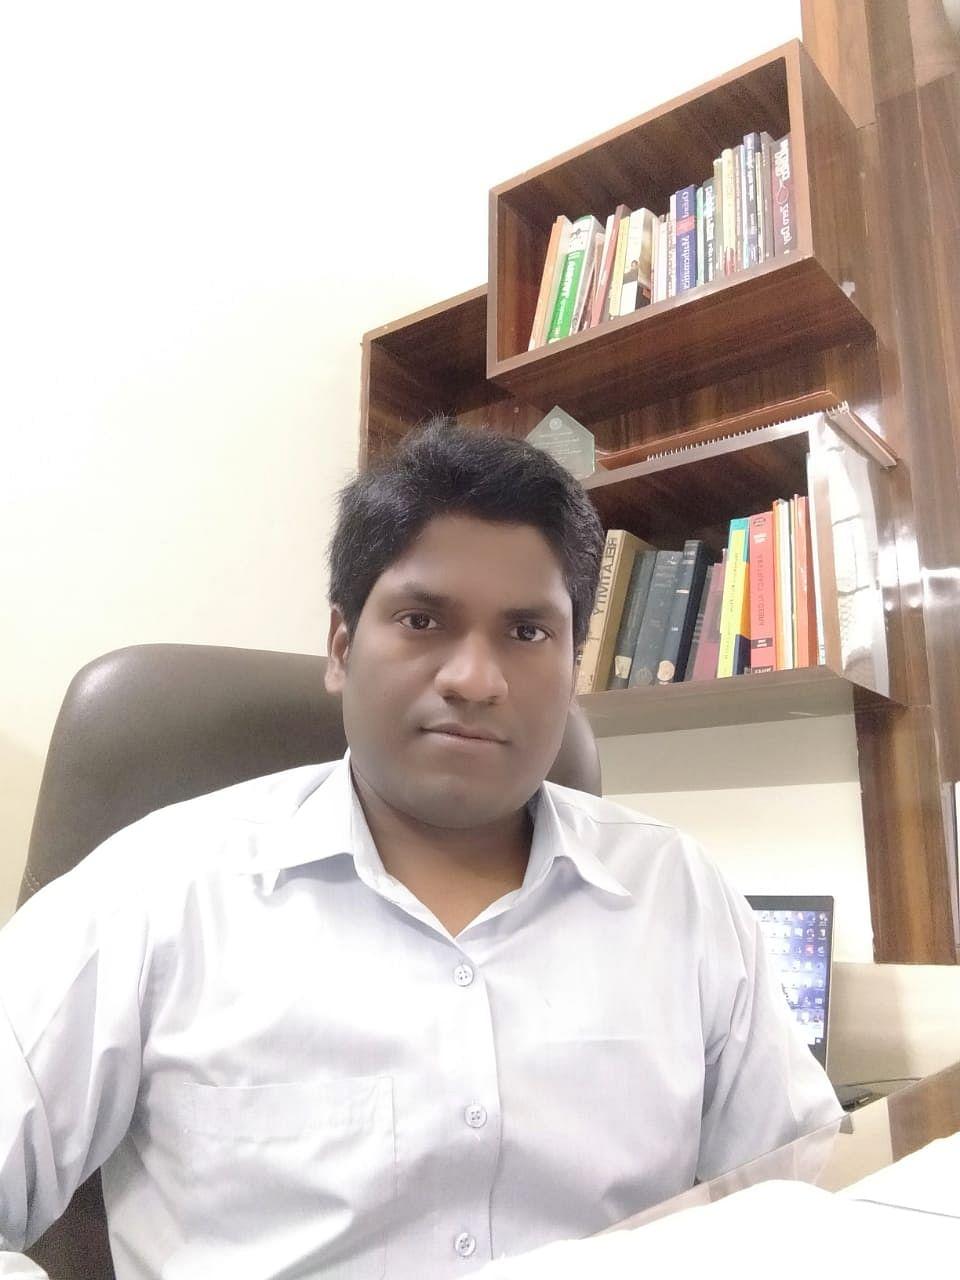 तारों का अध्ययन करने के लिए गोरखपुर विश्वविद्यालय के शिक्षकों को मिली 10.04 लाख की शोध राशि